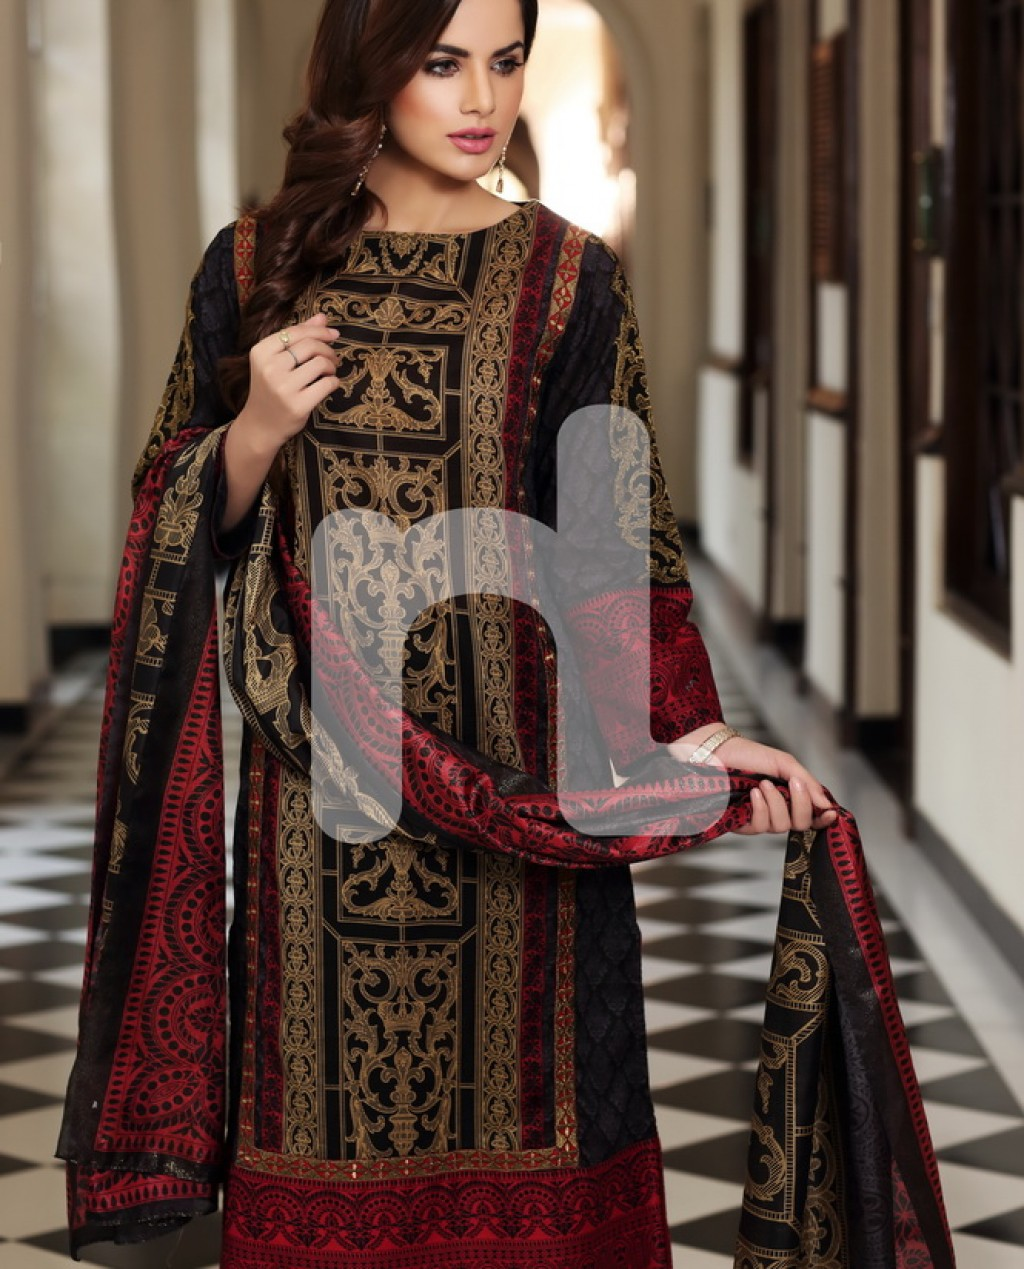 Pakistani dresses pictures 2018 nissan